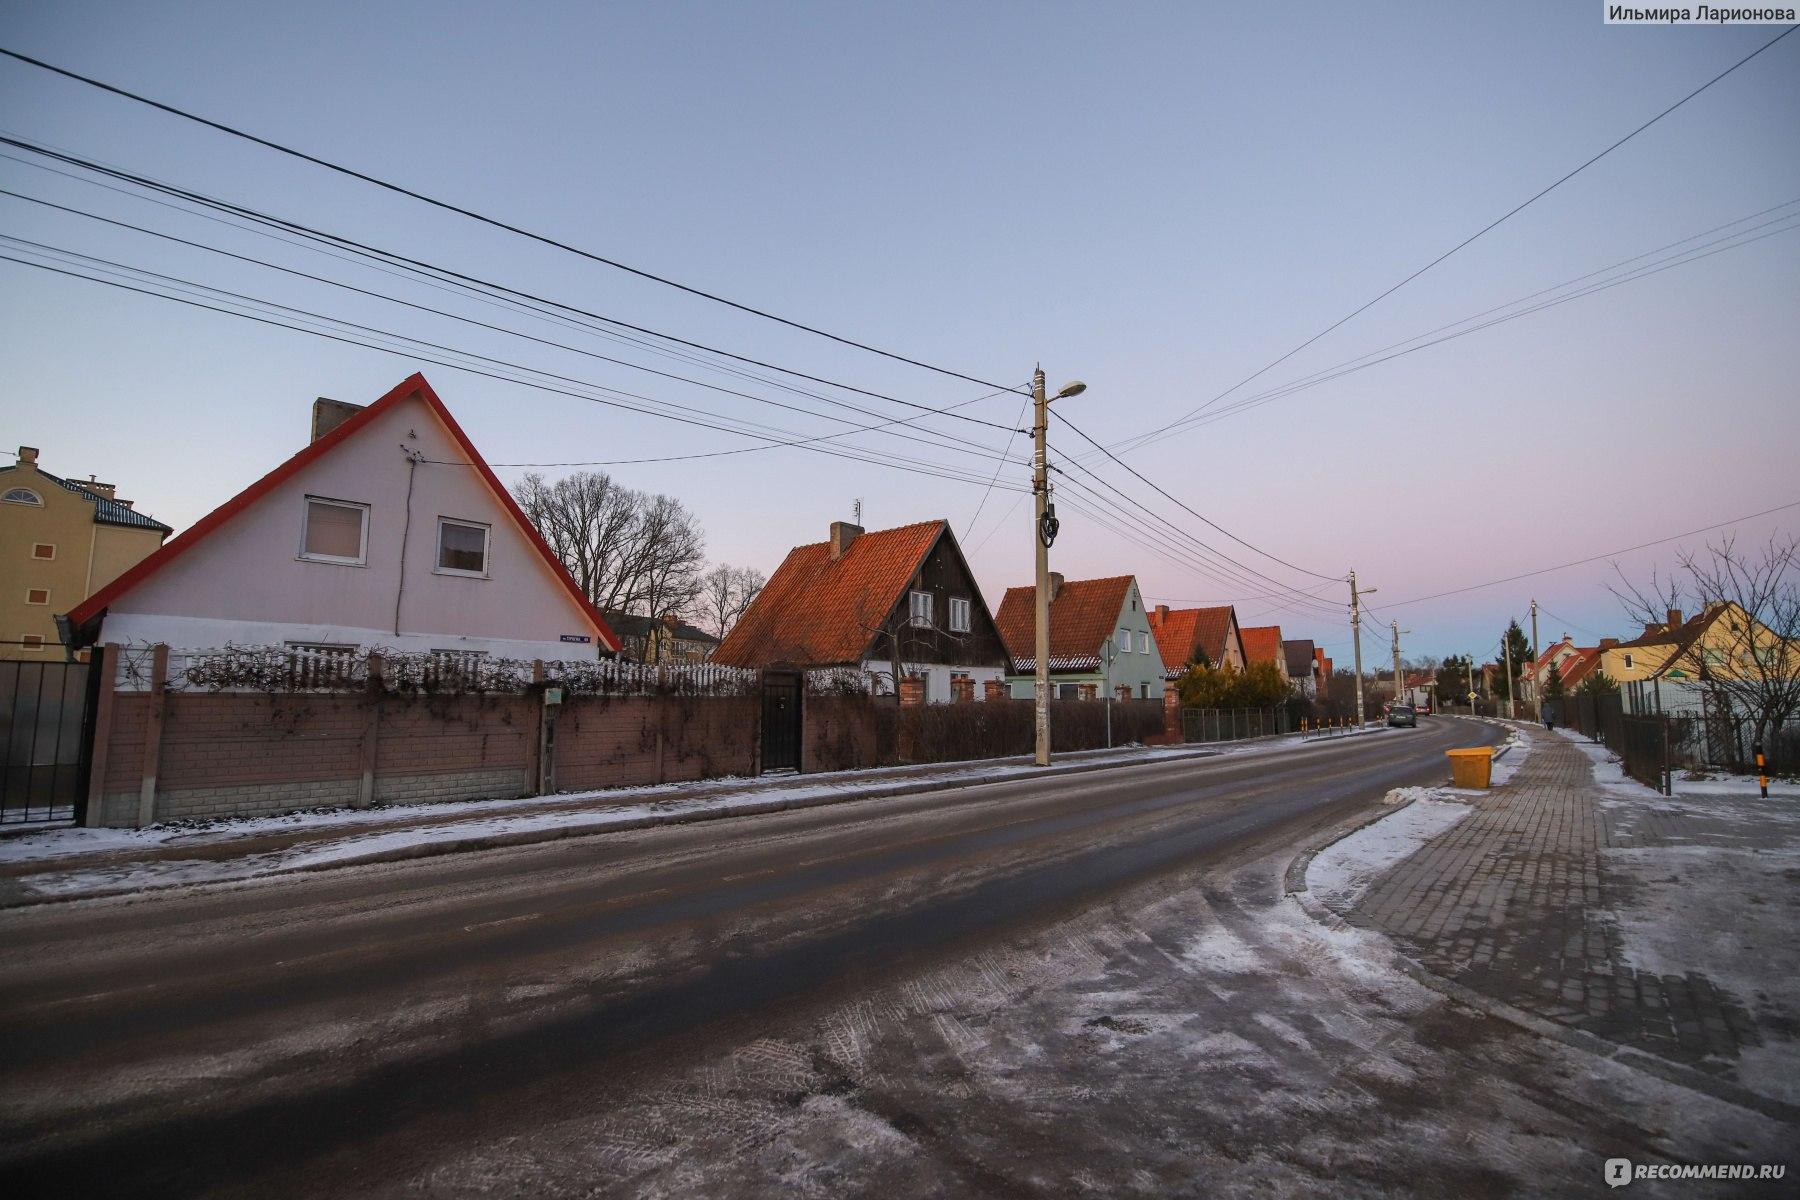 калининградская область поселок северный фото них можно приобрести